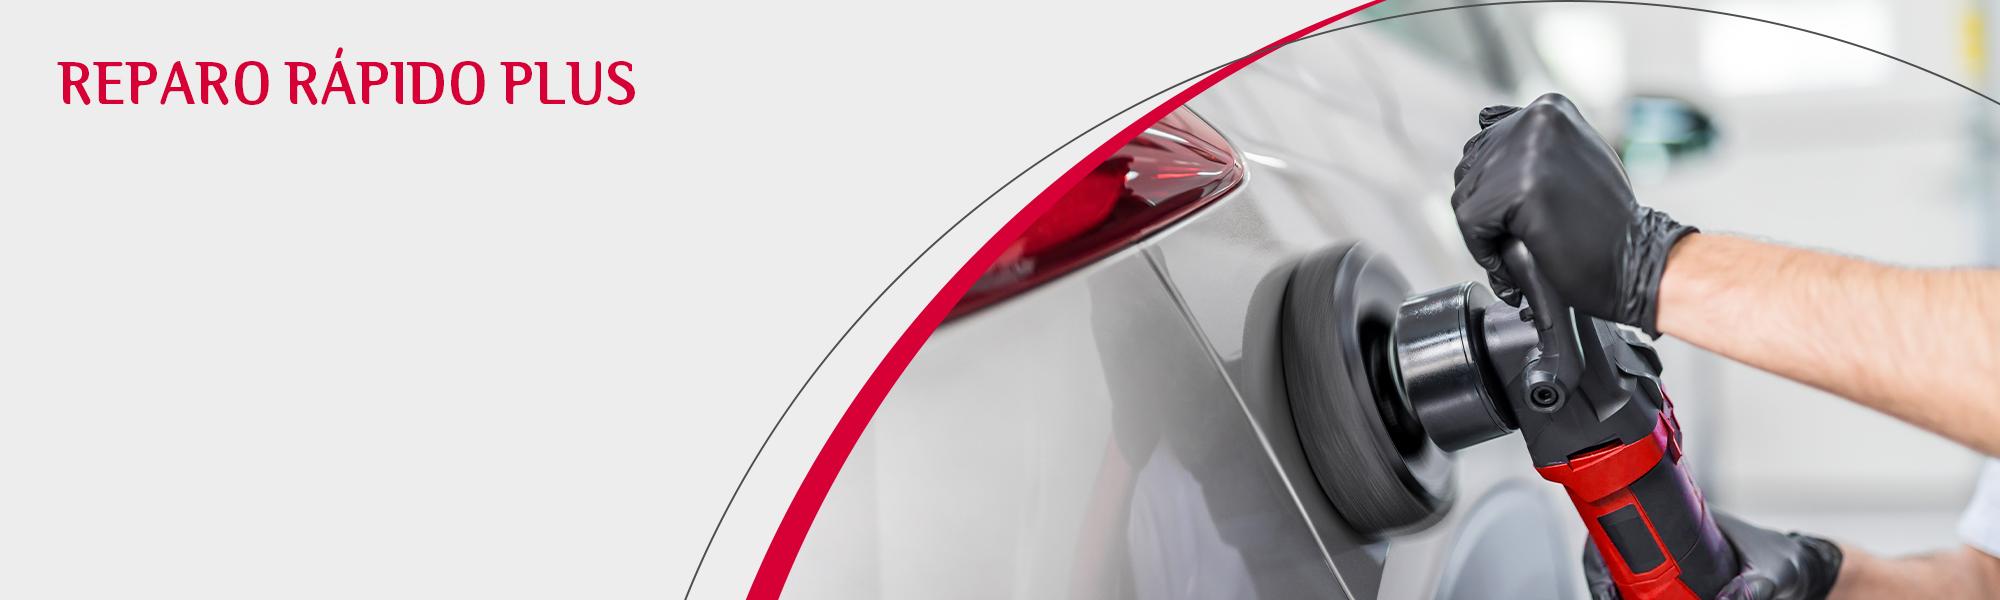 Novo serviço do Sompo Auto - Comodidade e rapidez no reparo de veículos